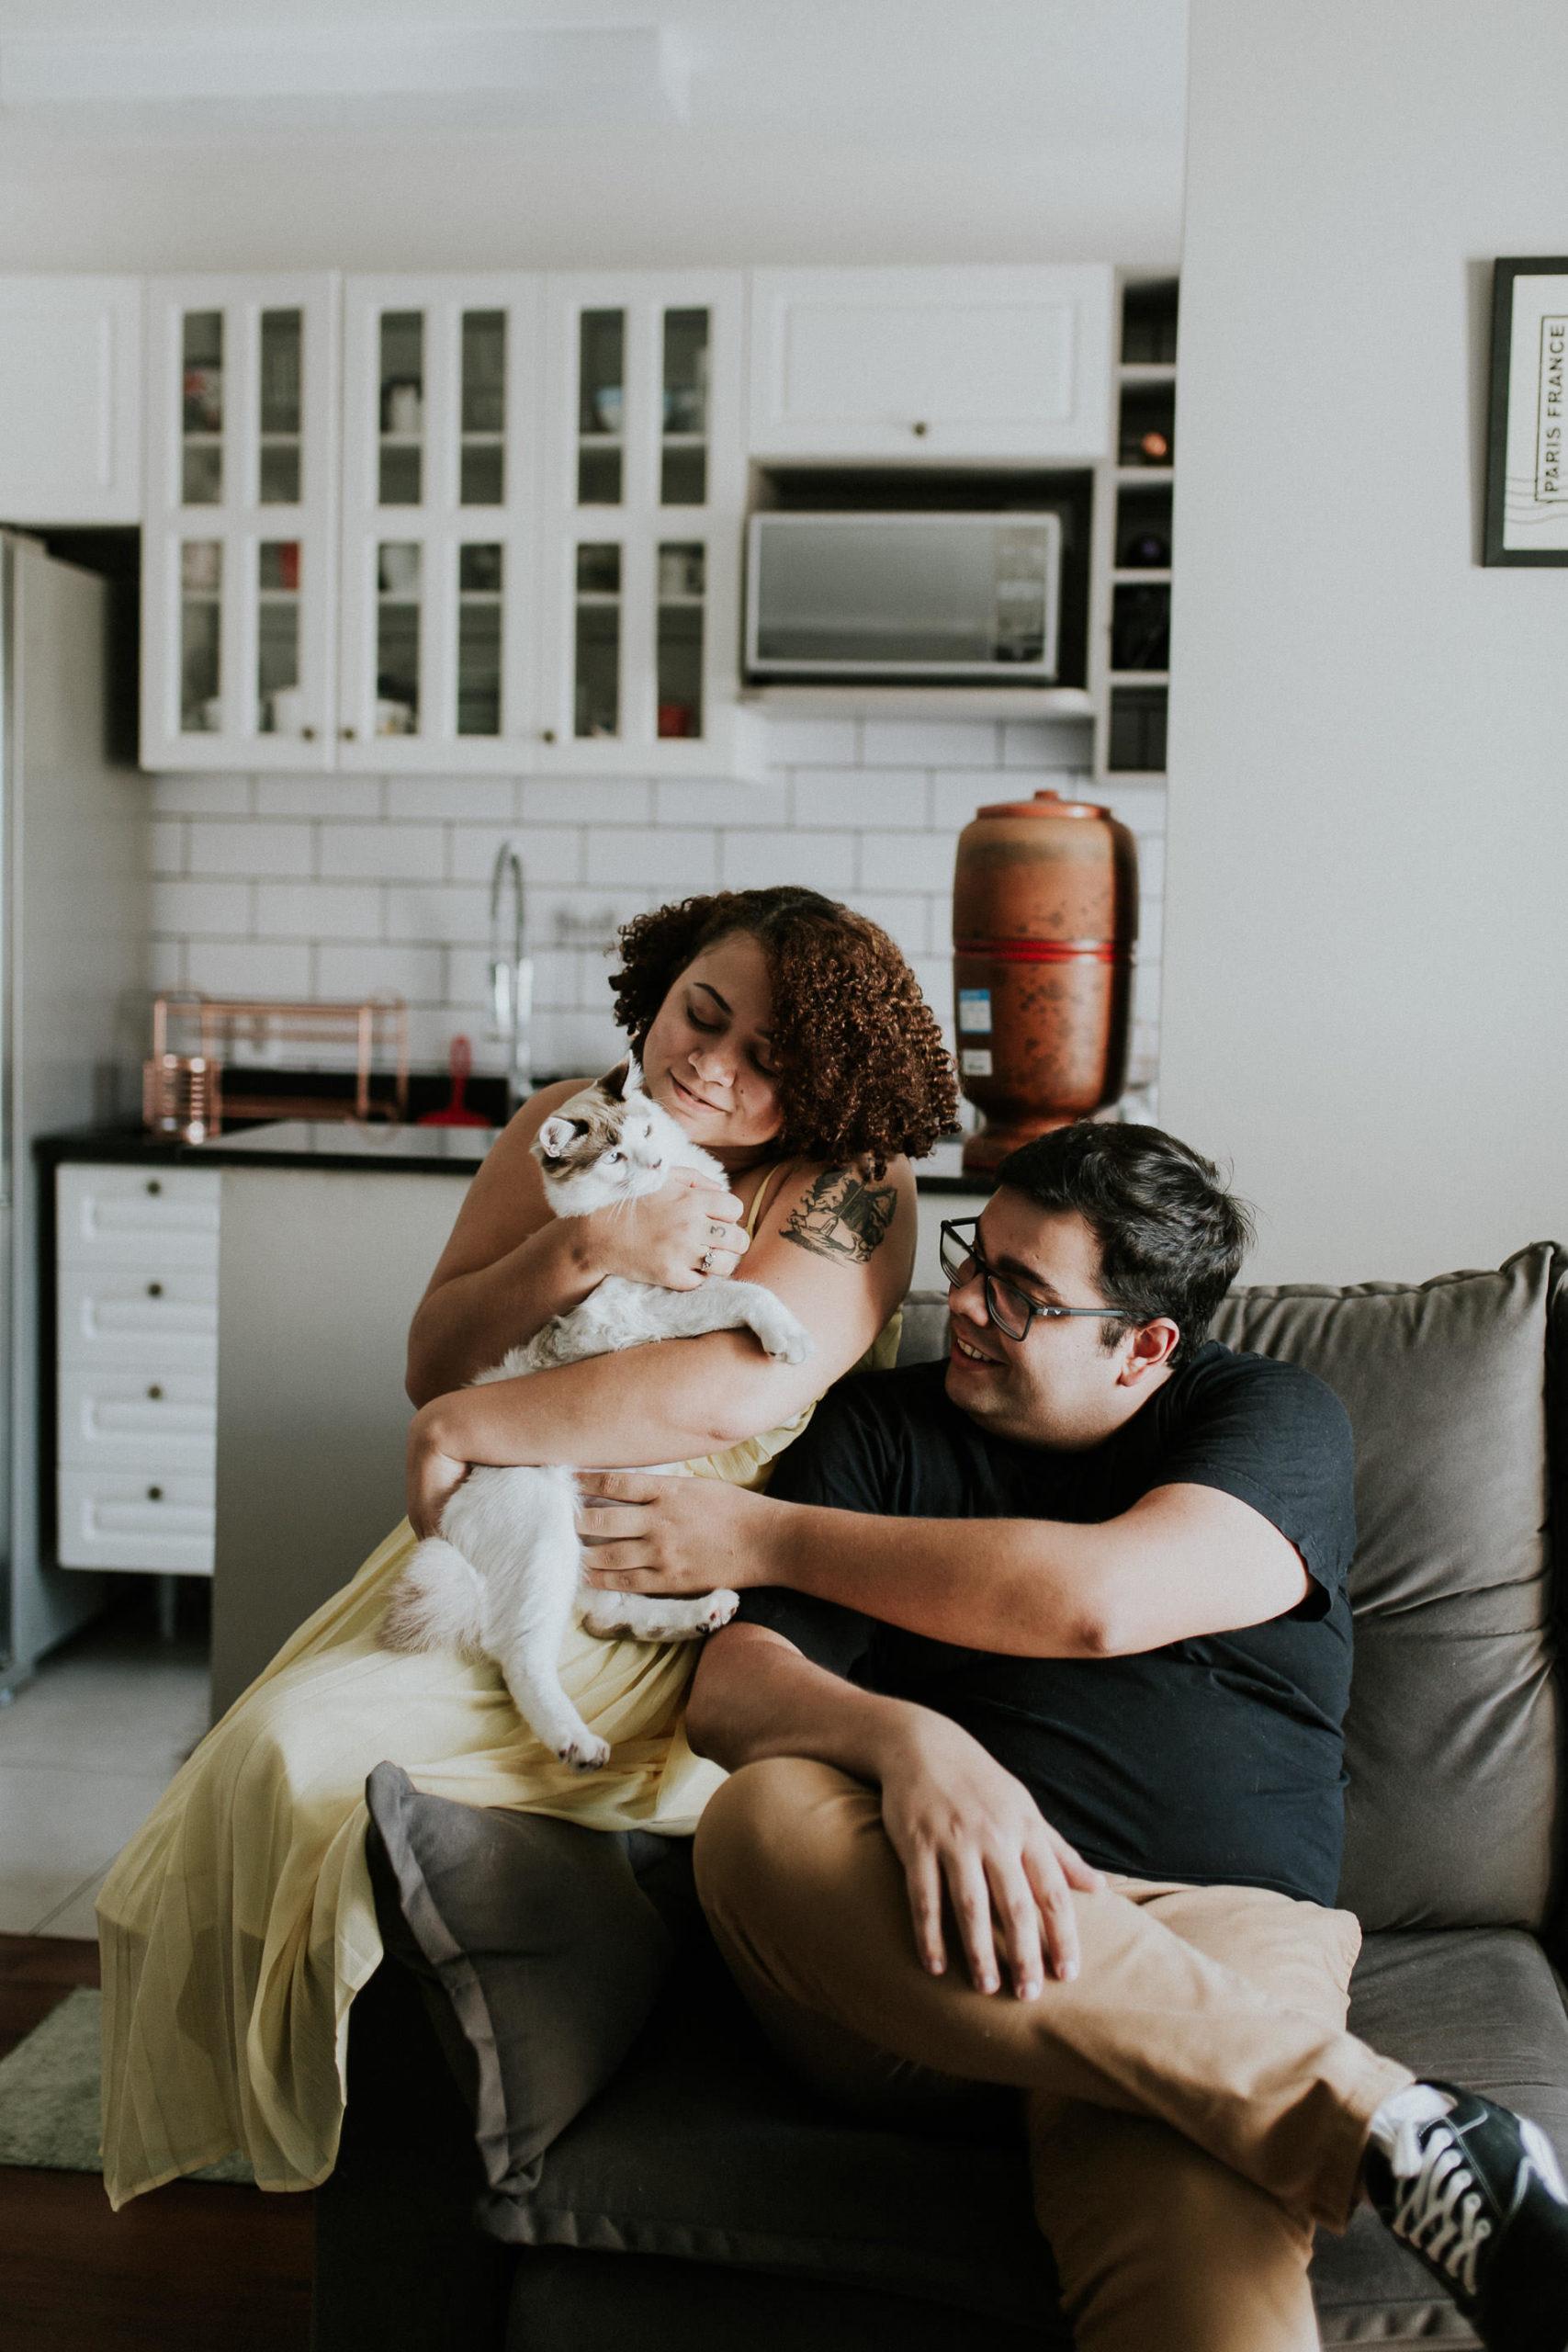 Ensaio Lifestyle | Pré-Wedding | Em Casa | Fotografia Minimalista